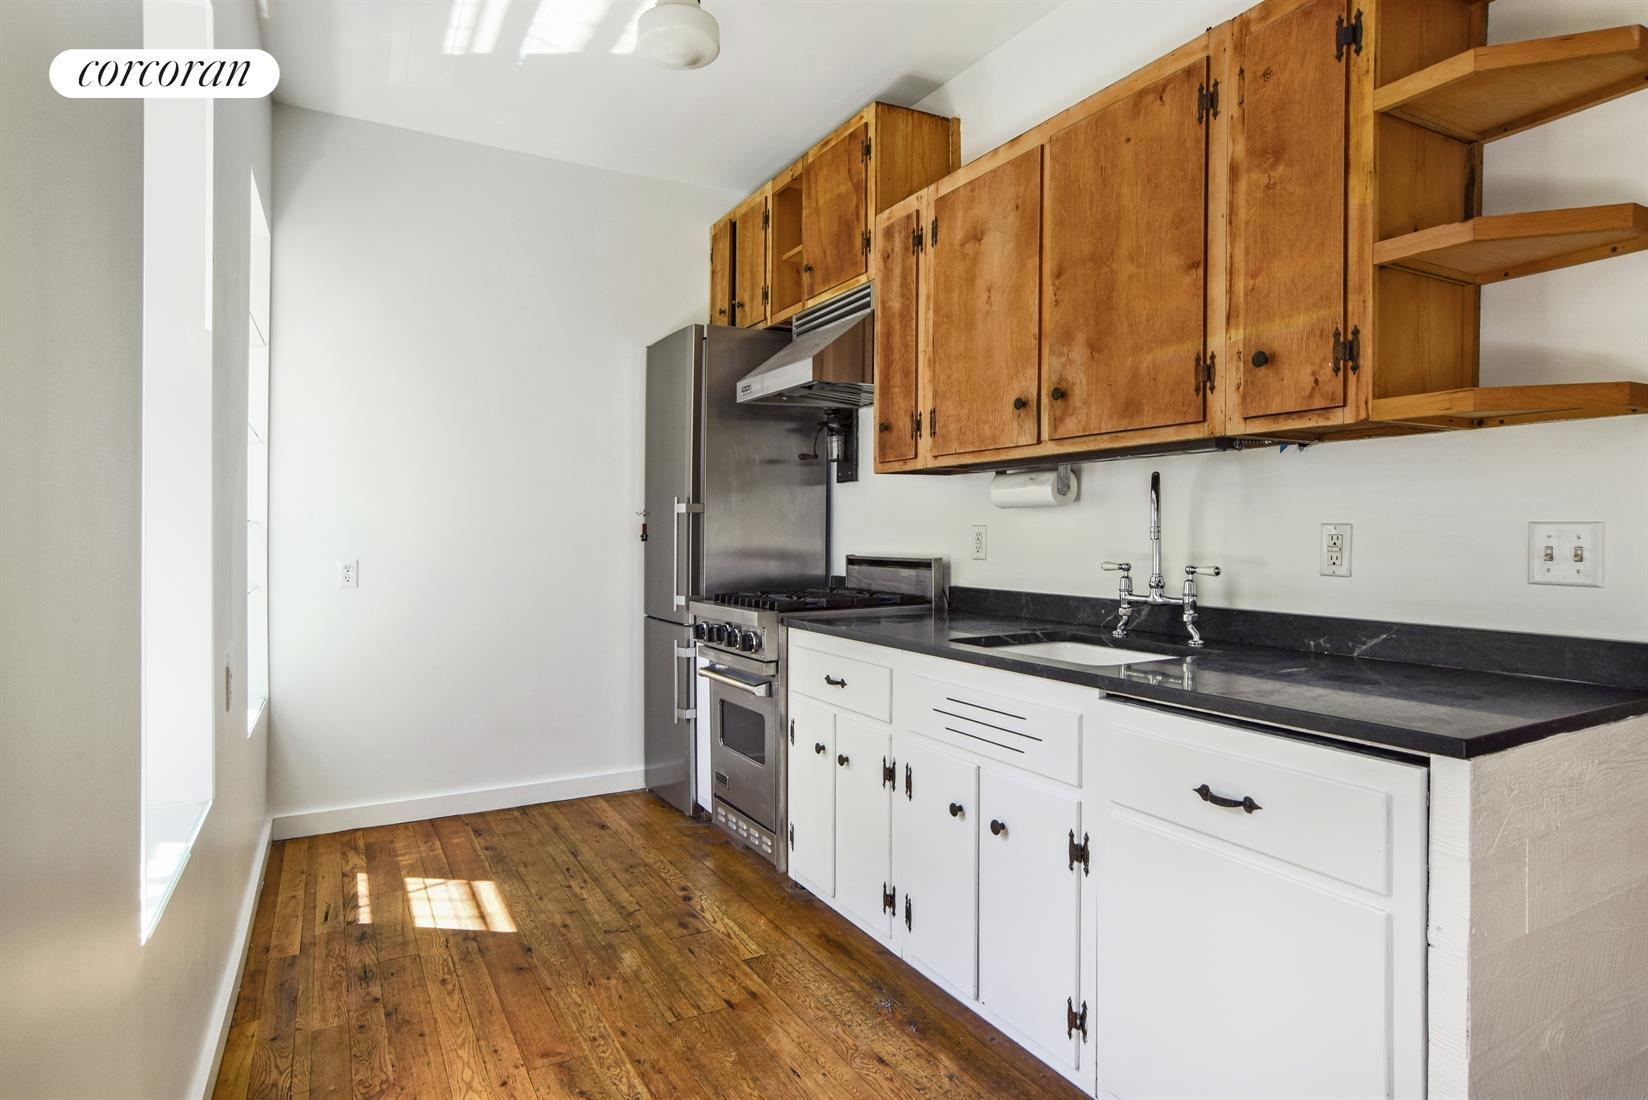 Corcoran, 92 Prospect Park West, Apt. 3A, Park Slope Rentals ...